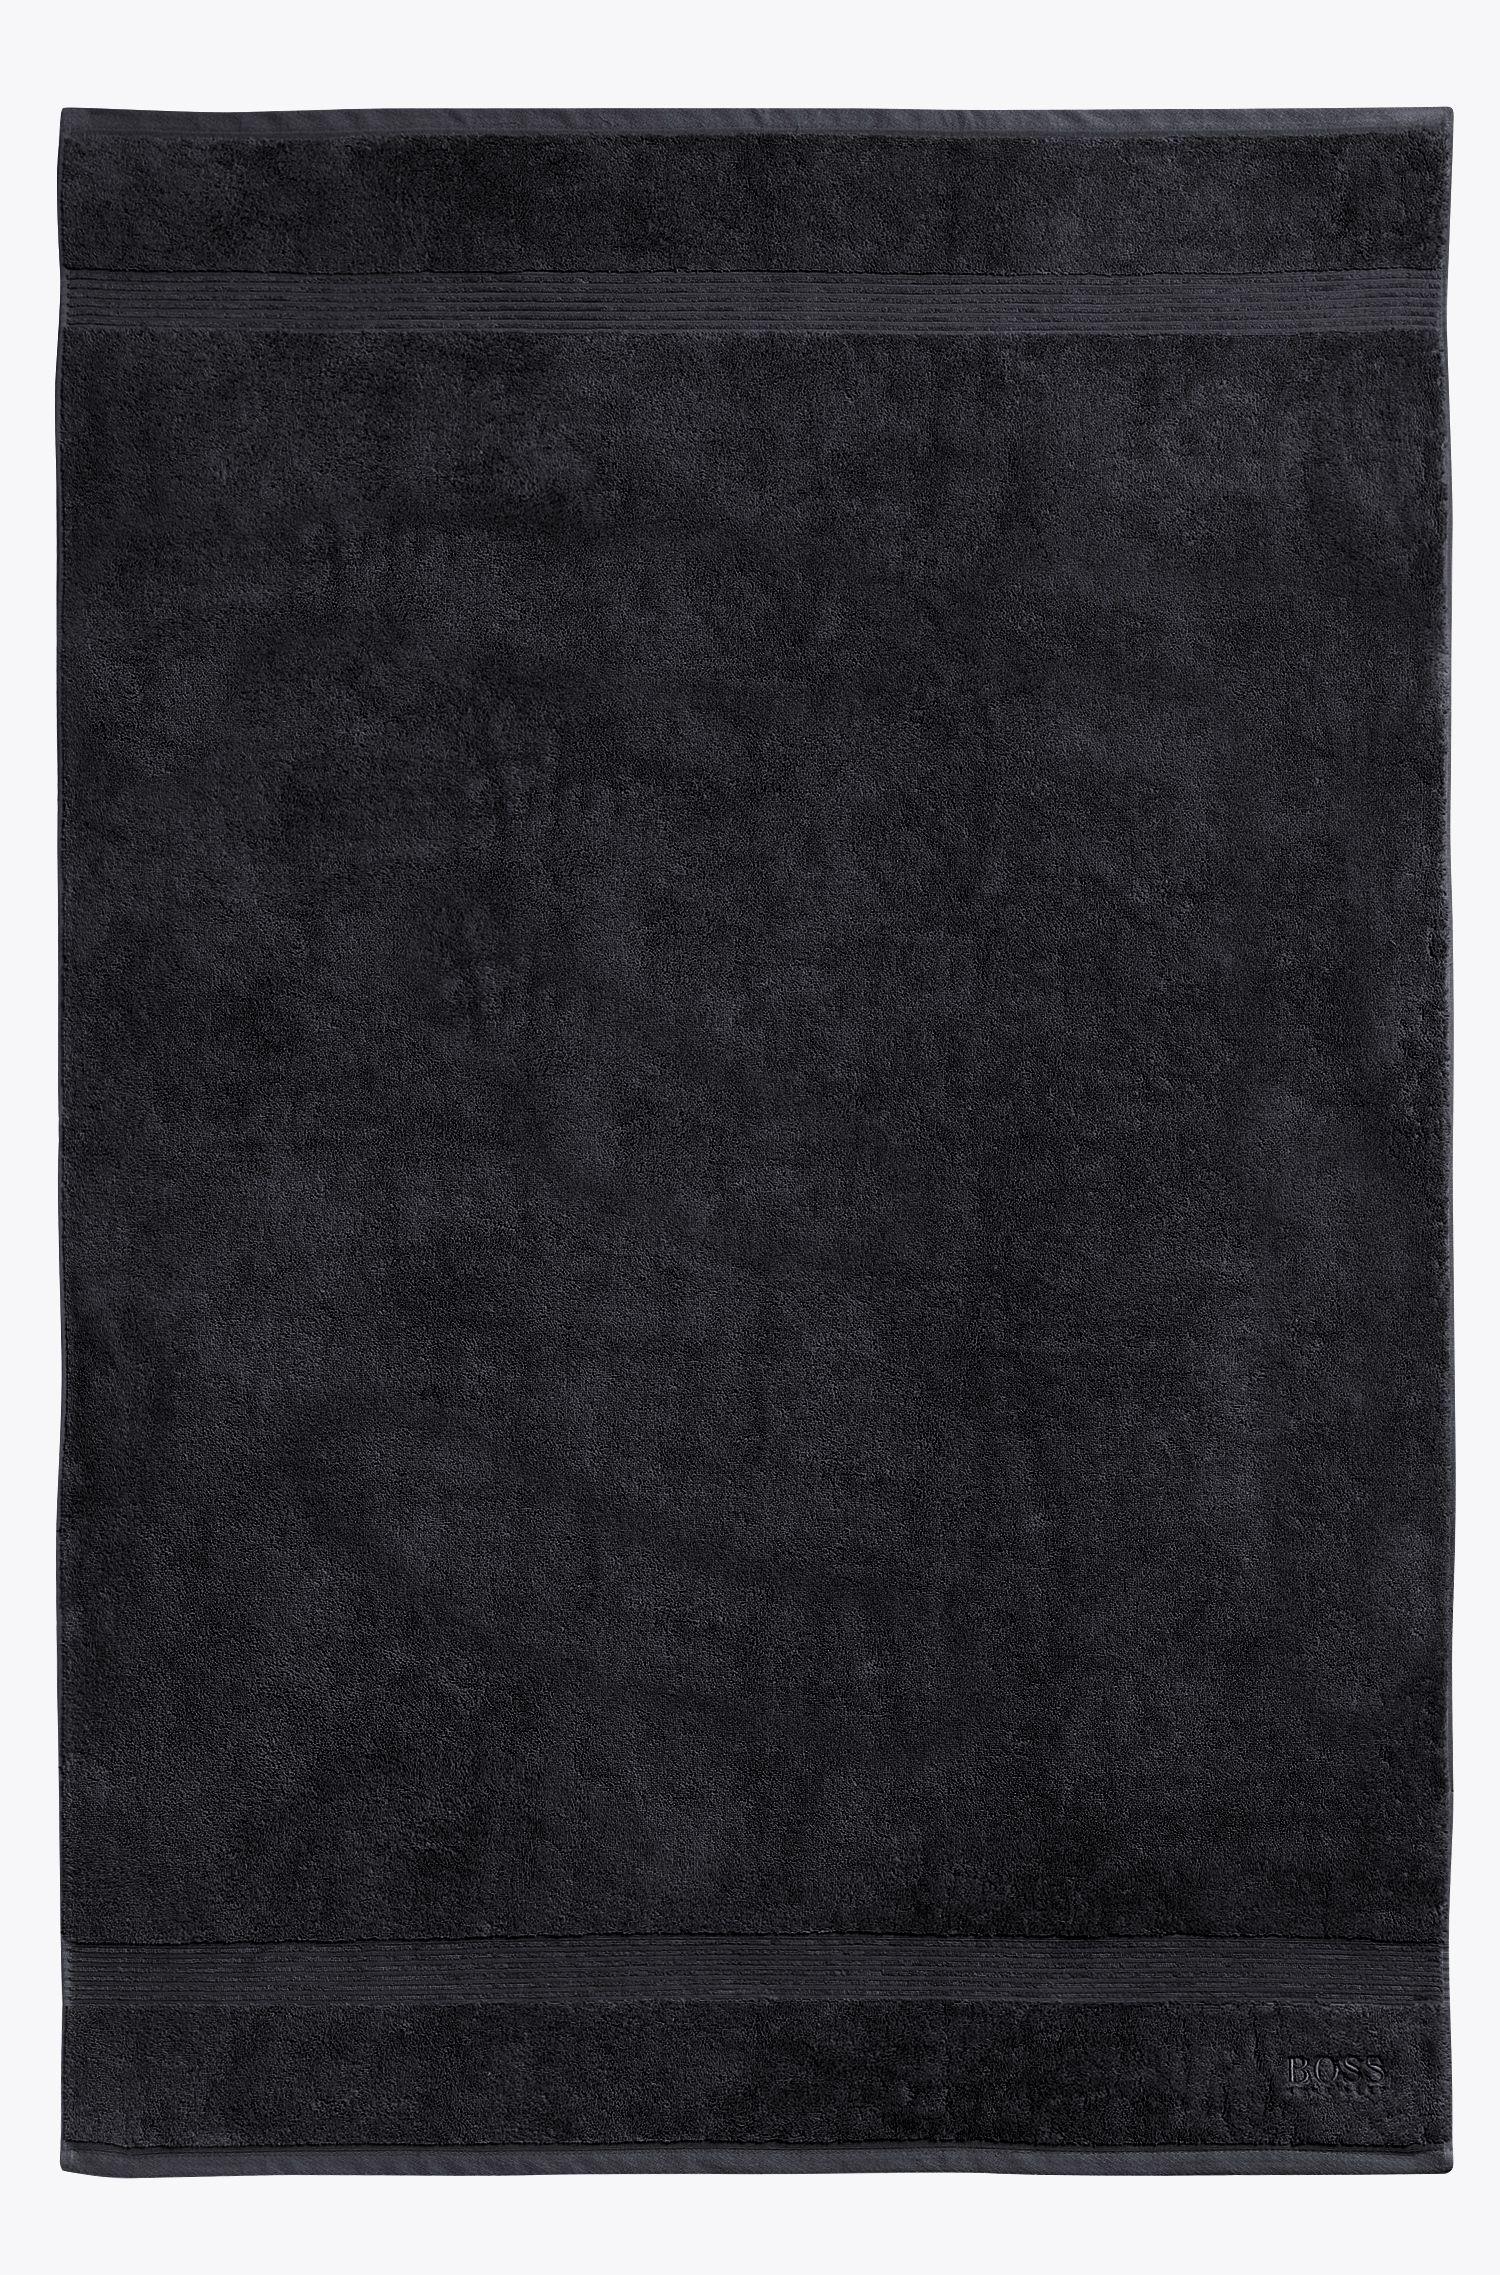 Badetuch aus gekämmter ägäischer Baumwolle mit gerippter Bordüre